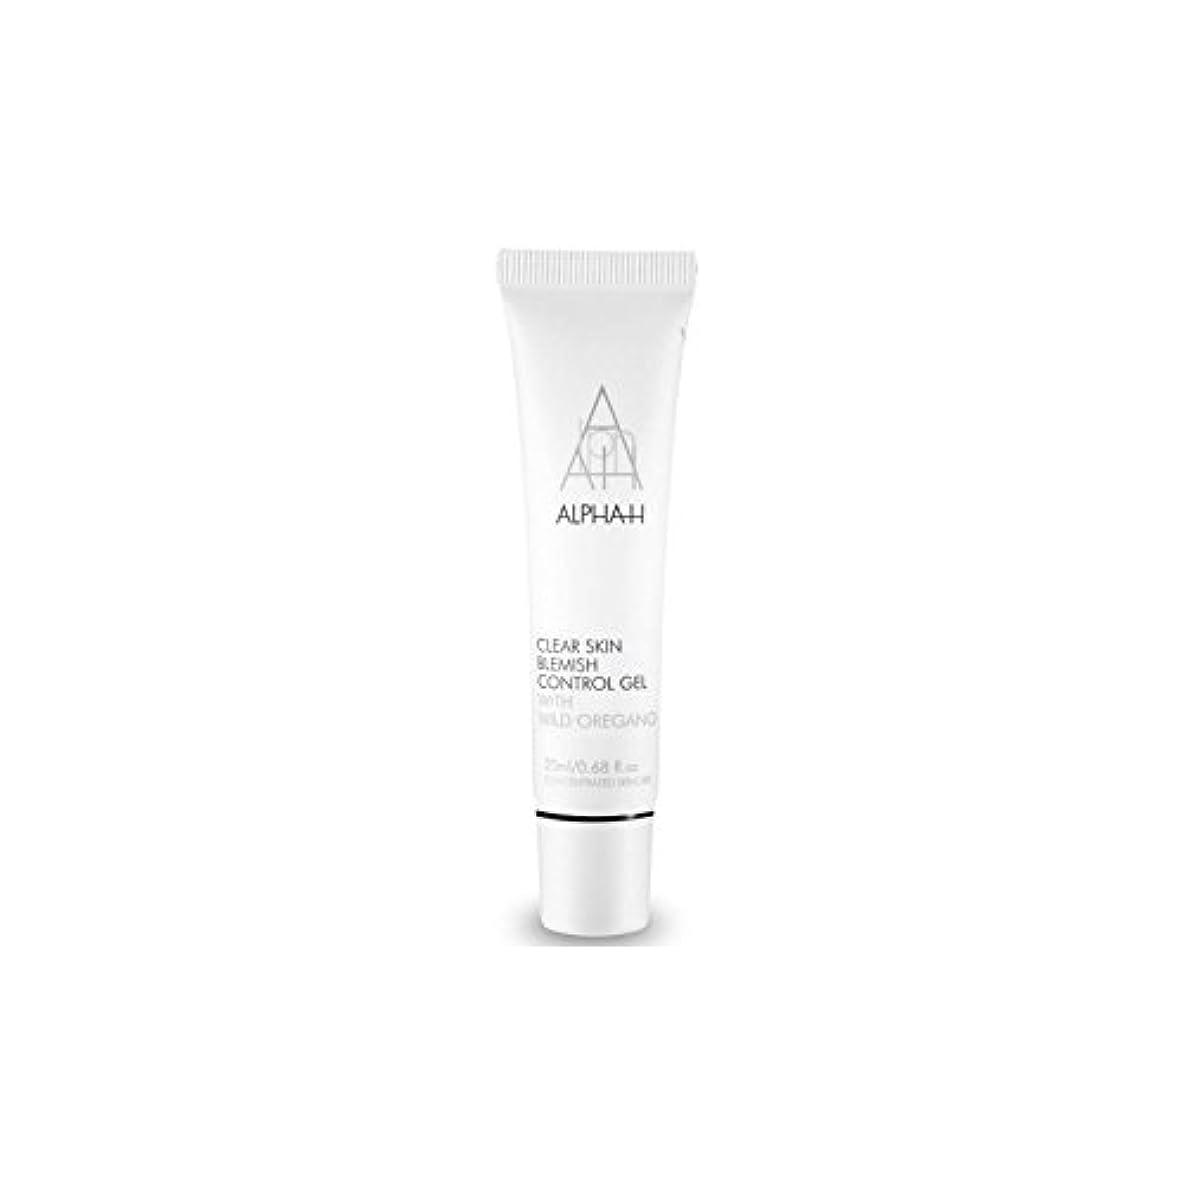 受ける肝麺アルファクリア皮膚傷制御ゲル(20)中 x2 - Alpha-H Clear Skin Blemish Control Gel (20ml) (Pack of 2) [並行輸入品]